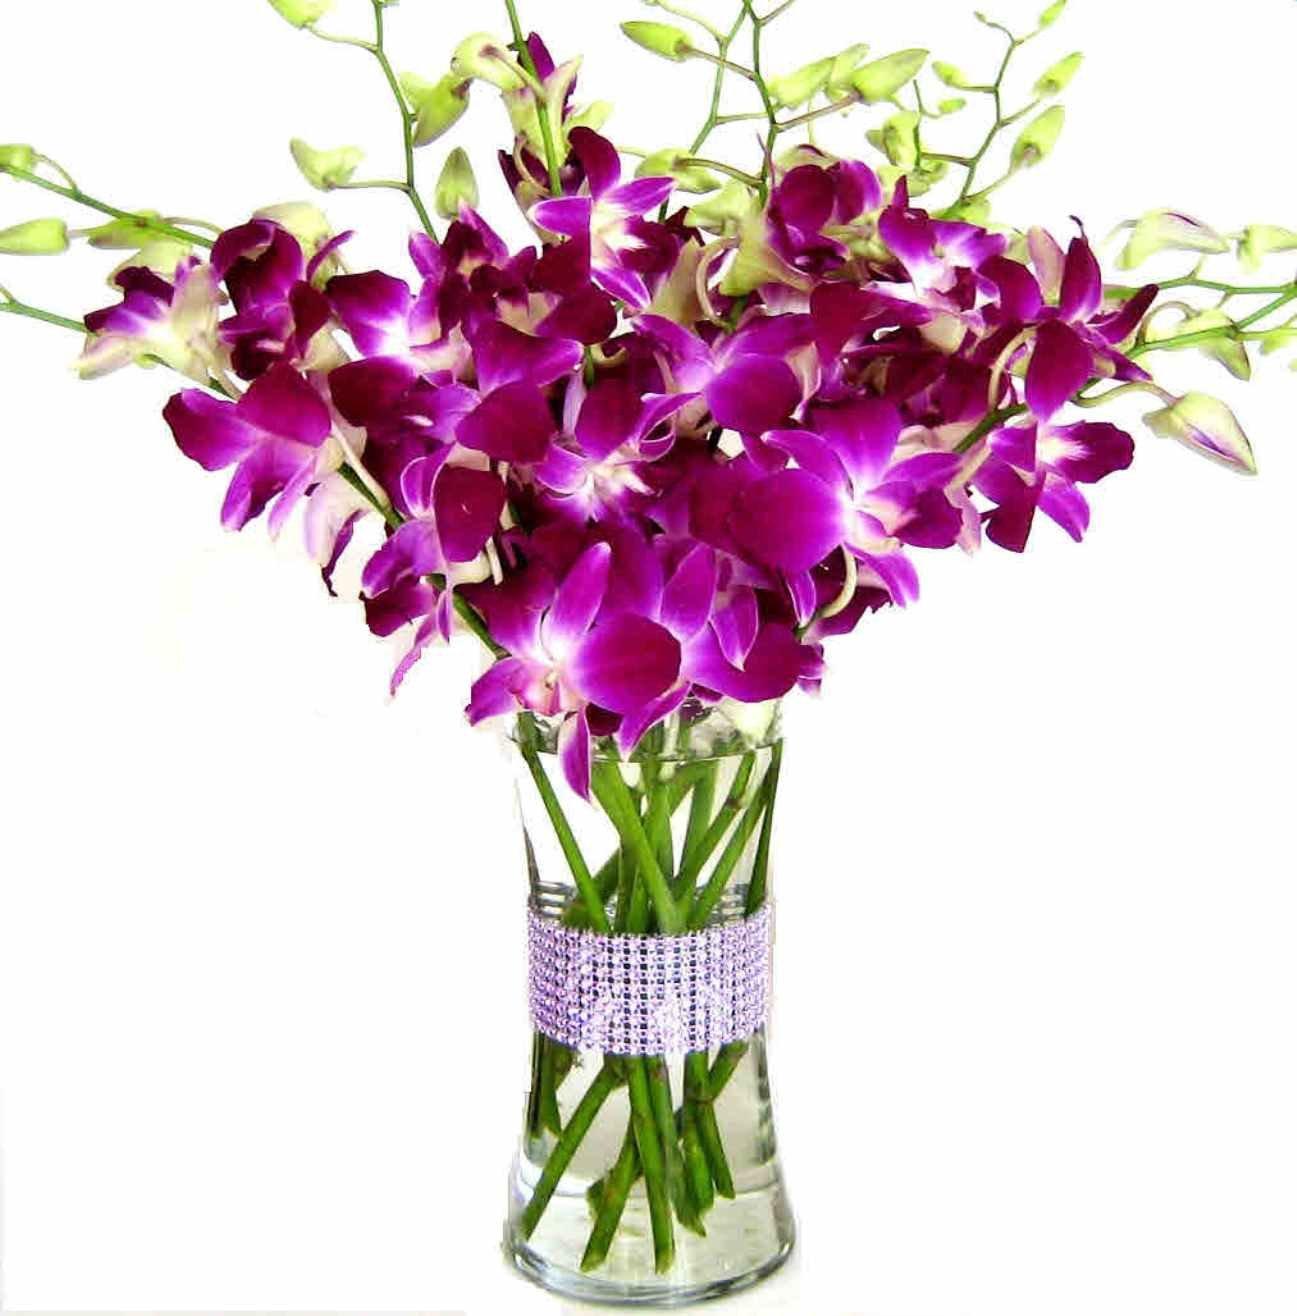 Купить букет орхидей дендробиум розовый 51 шт, екатеринбург доставка ромашки